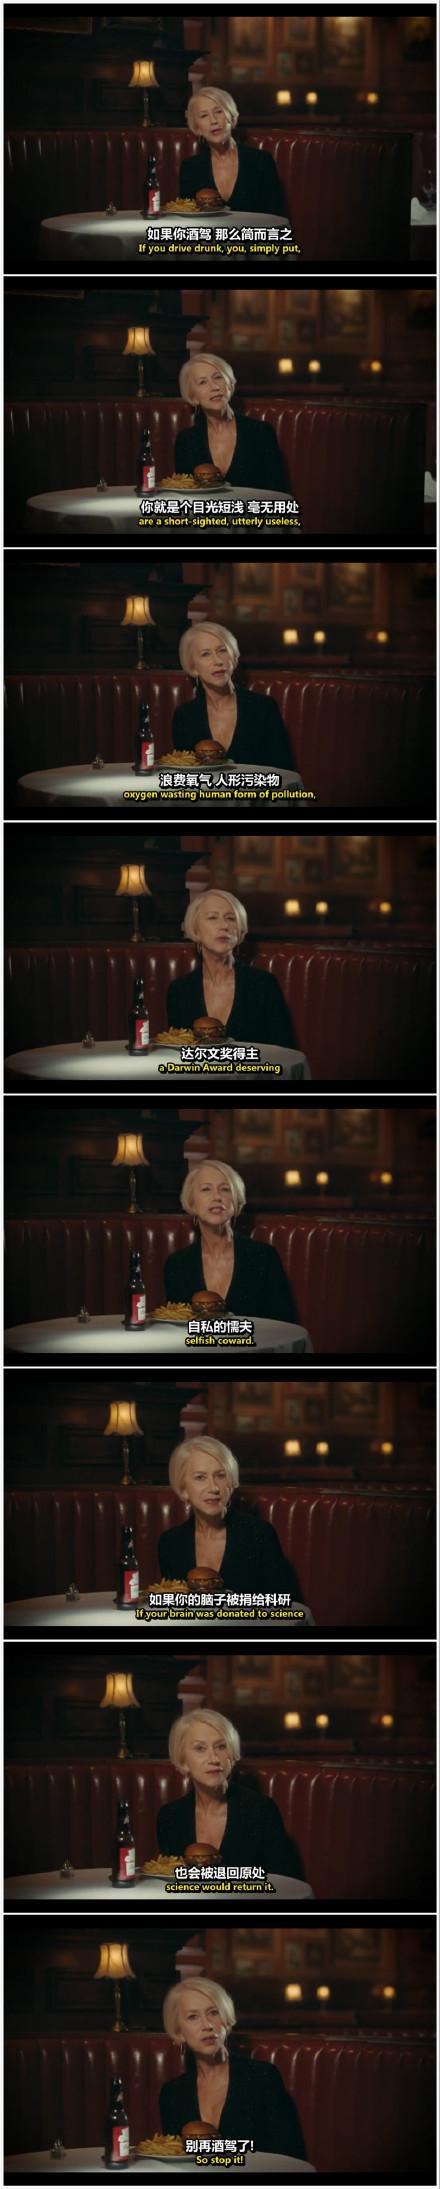 2016超级碗: Helen Mirren反酒驾宣传片